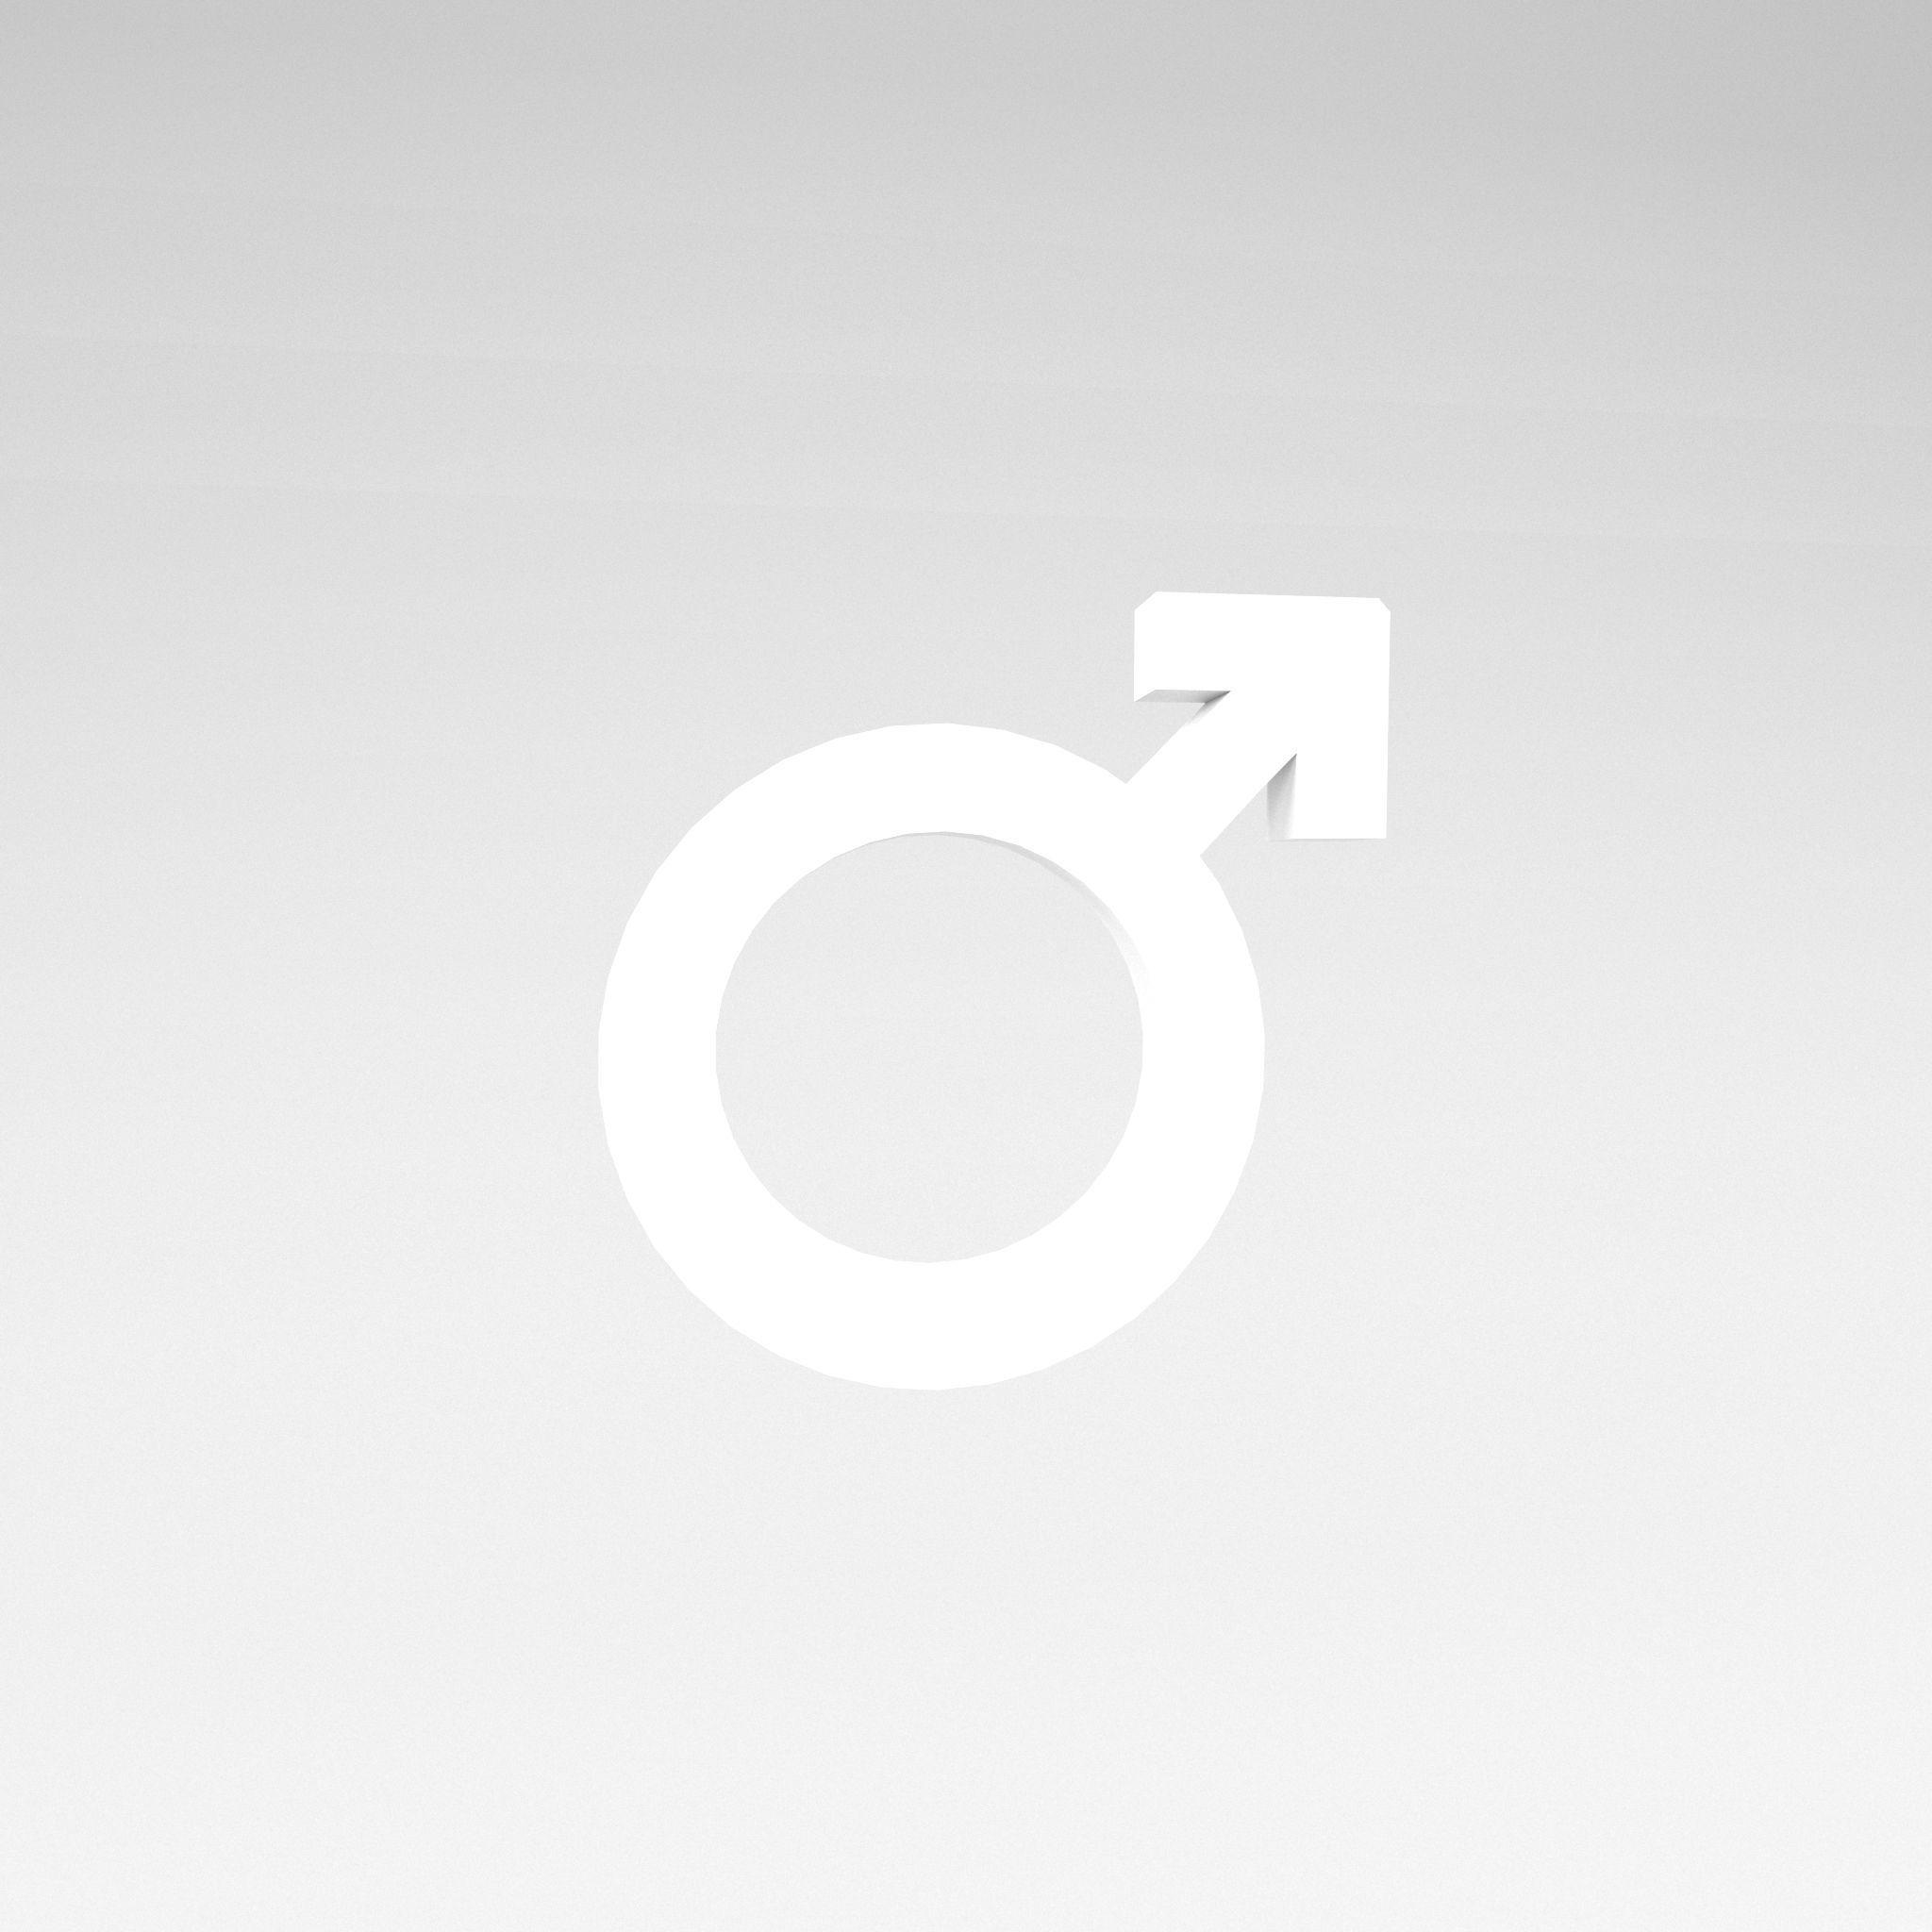 Gender Symbol v2 003